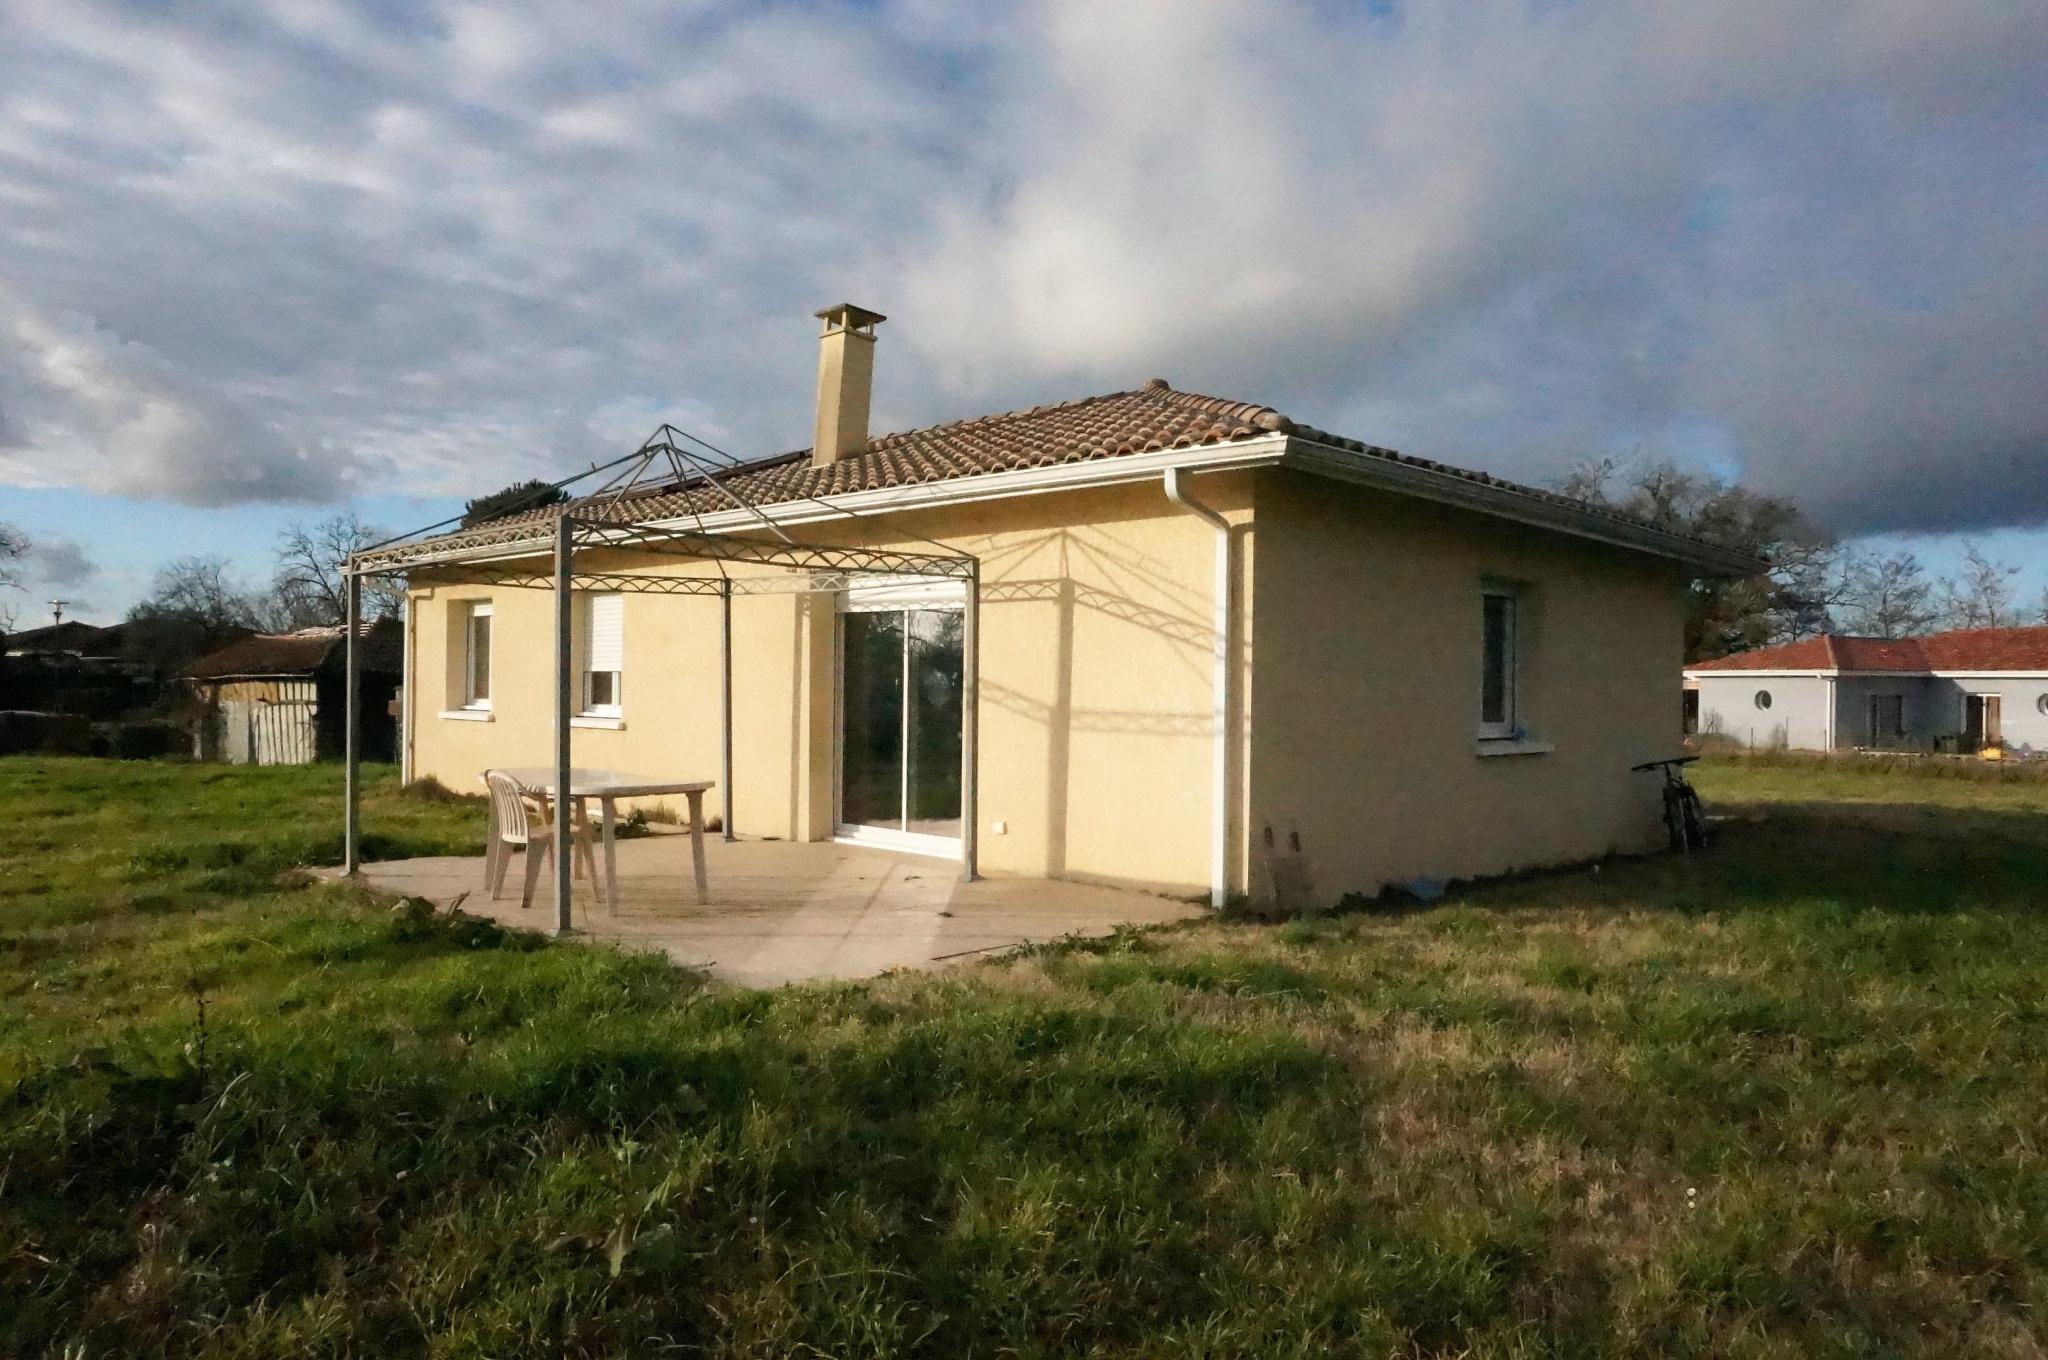 Vente maison/villa 4 pièces cazeres sur l adour 40270